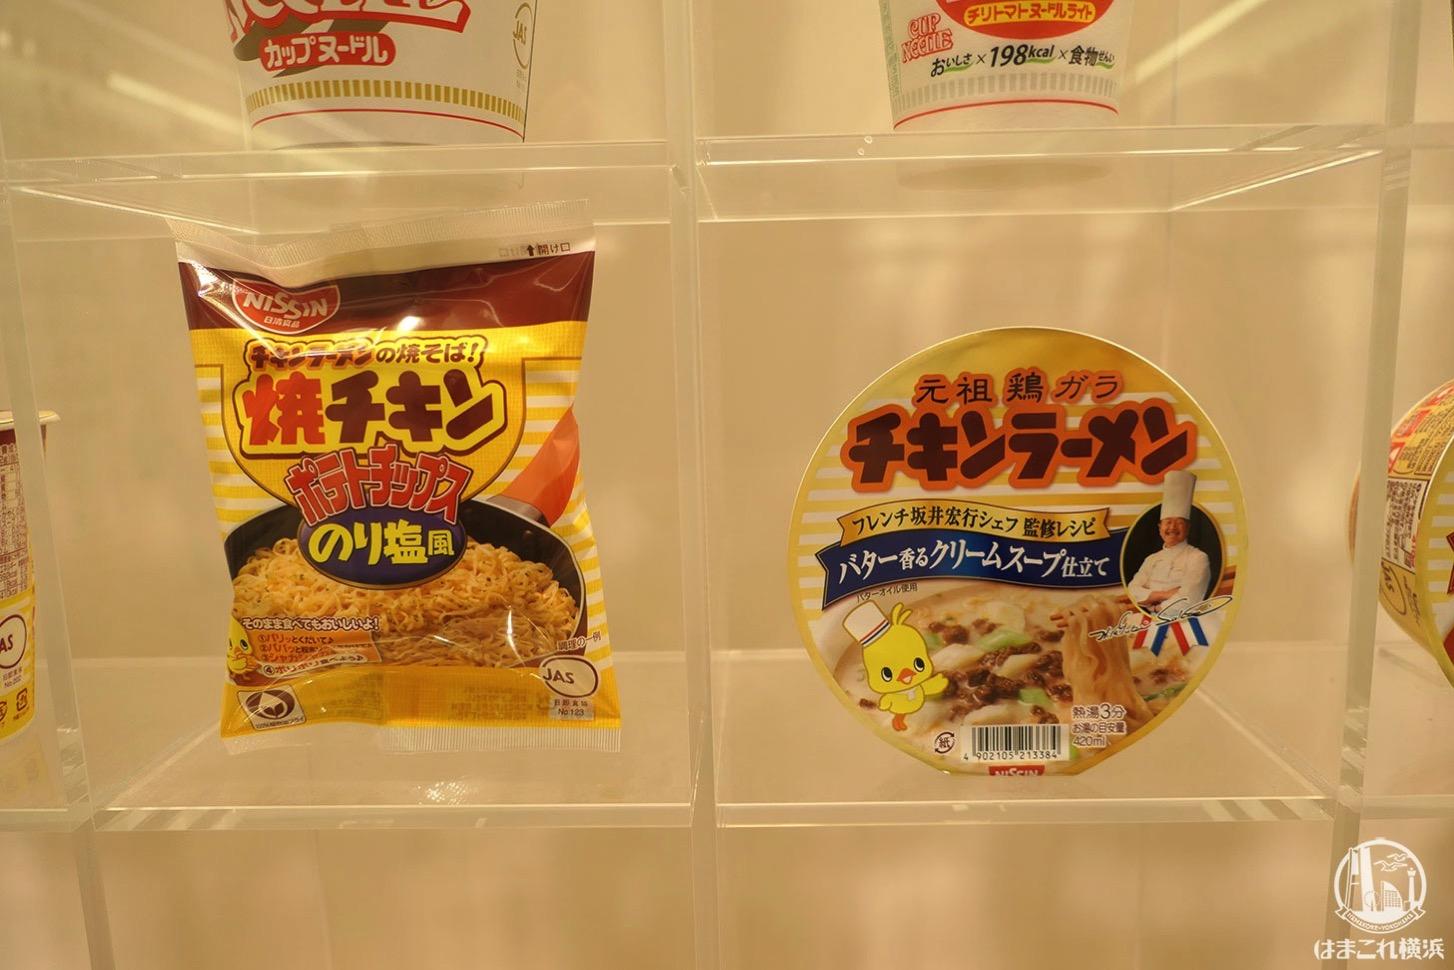 カップヌードルミュージアム横浜 インスタントラーメン ヒストリーキューブ 珍しいパッケージ